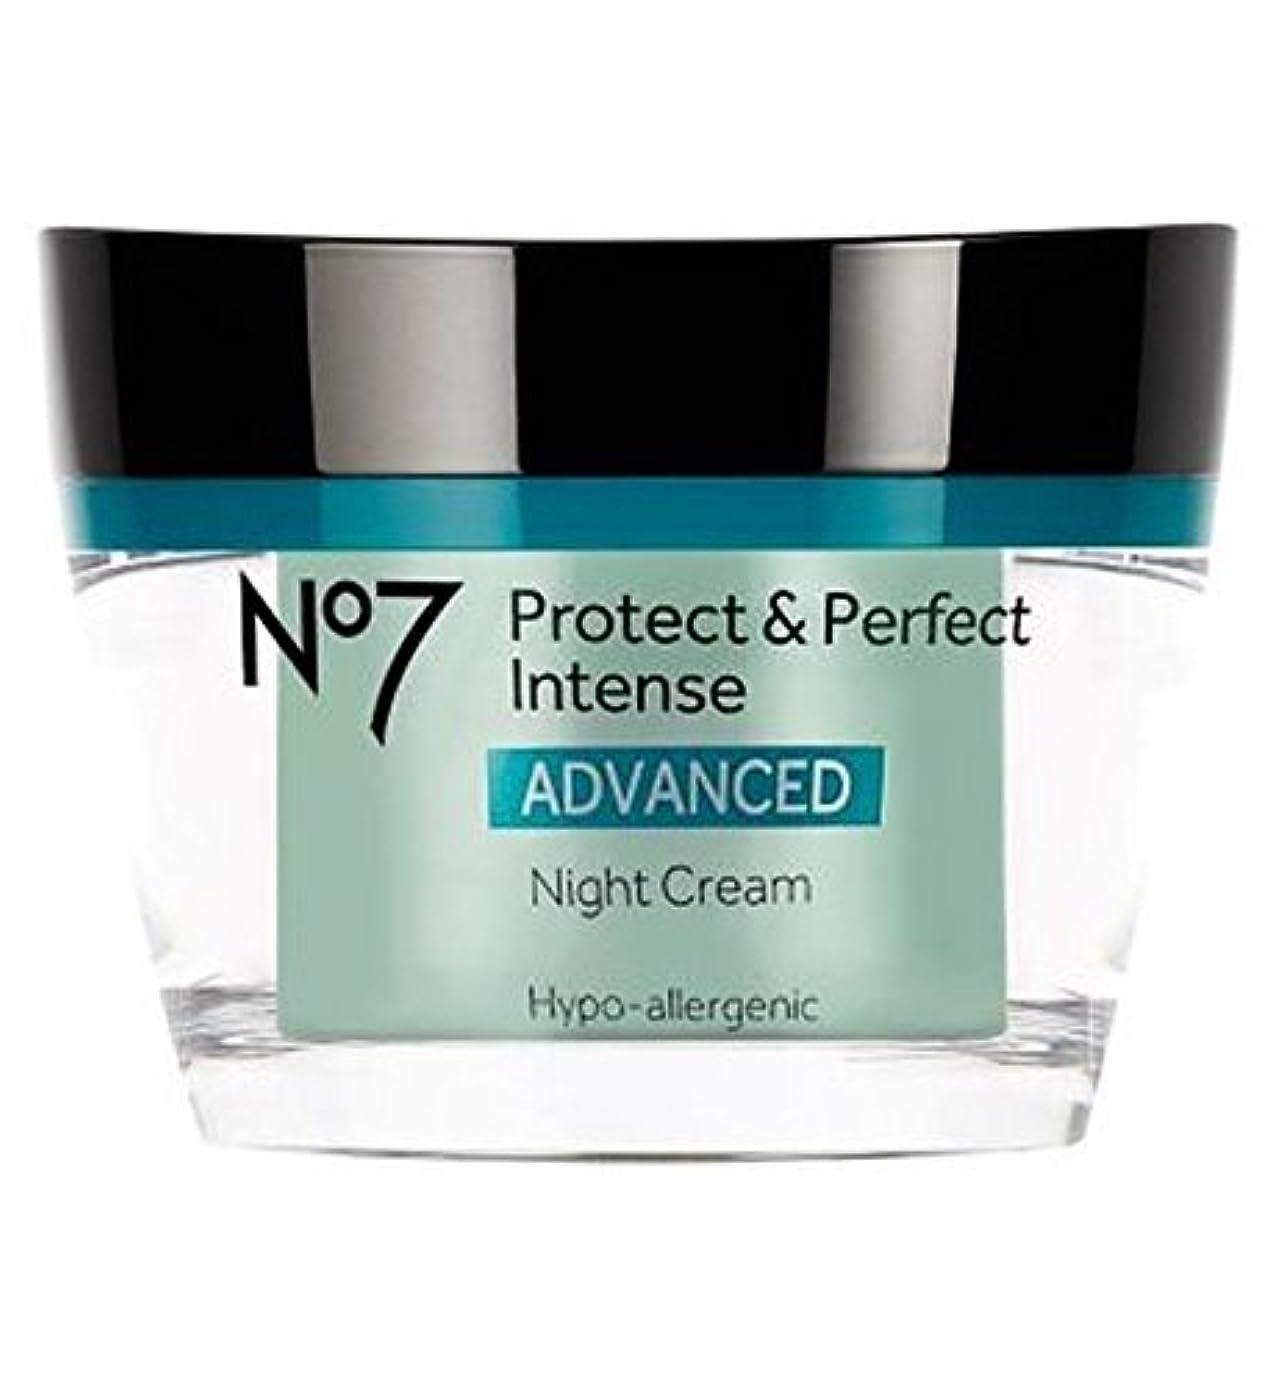 物理的に物理的な二十Protect & Perfect Intense Advanced Night Cream by No. 7